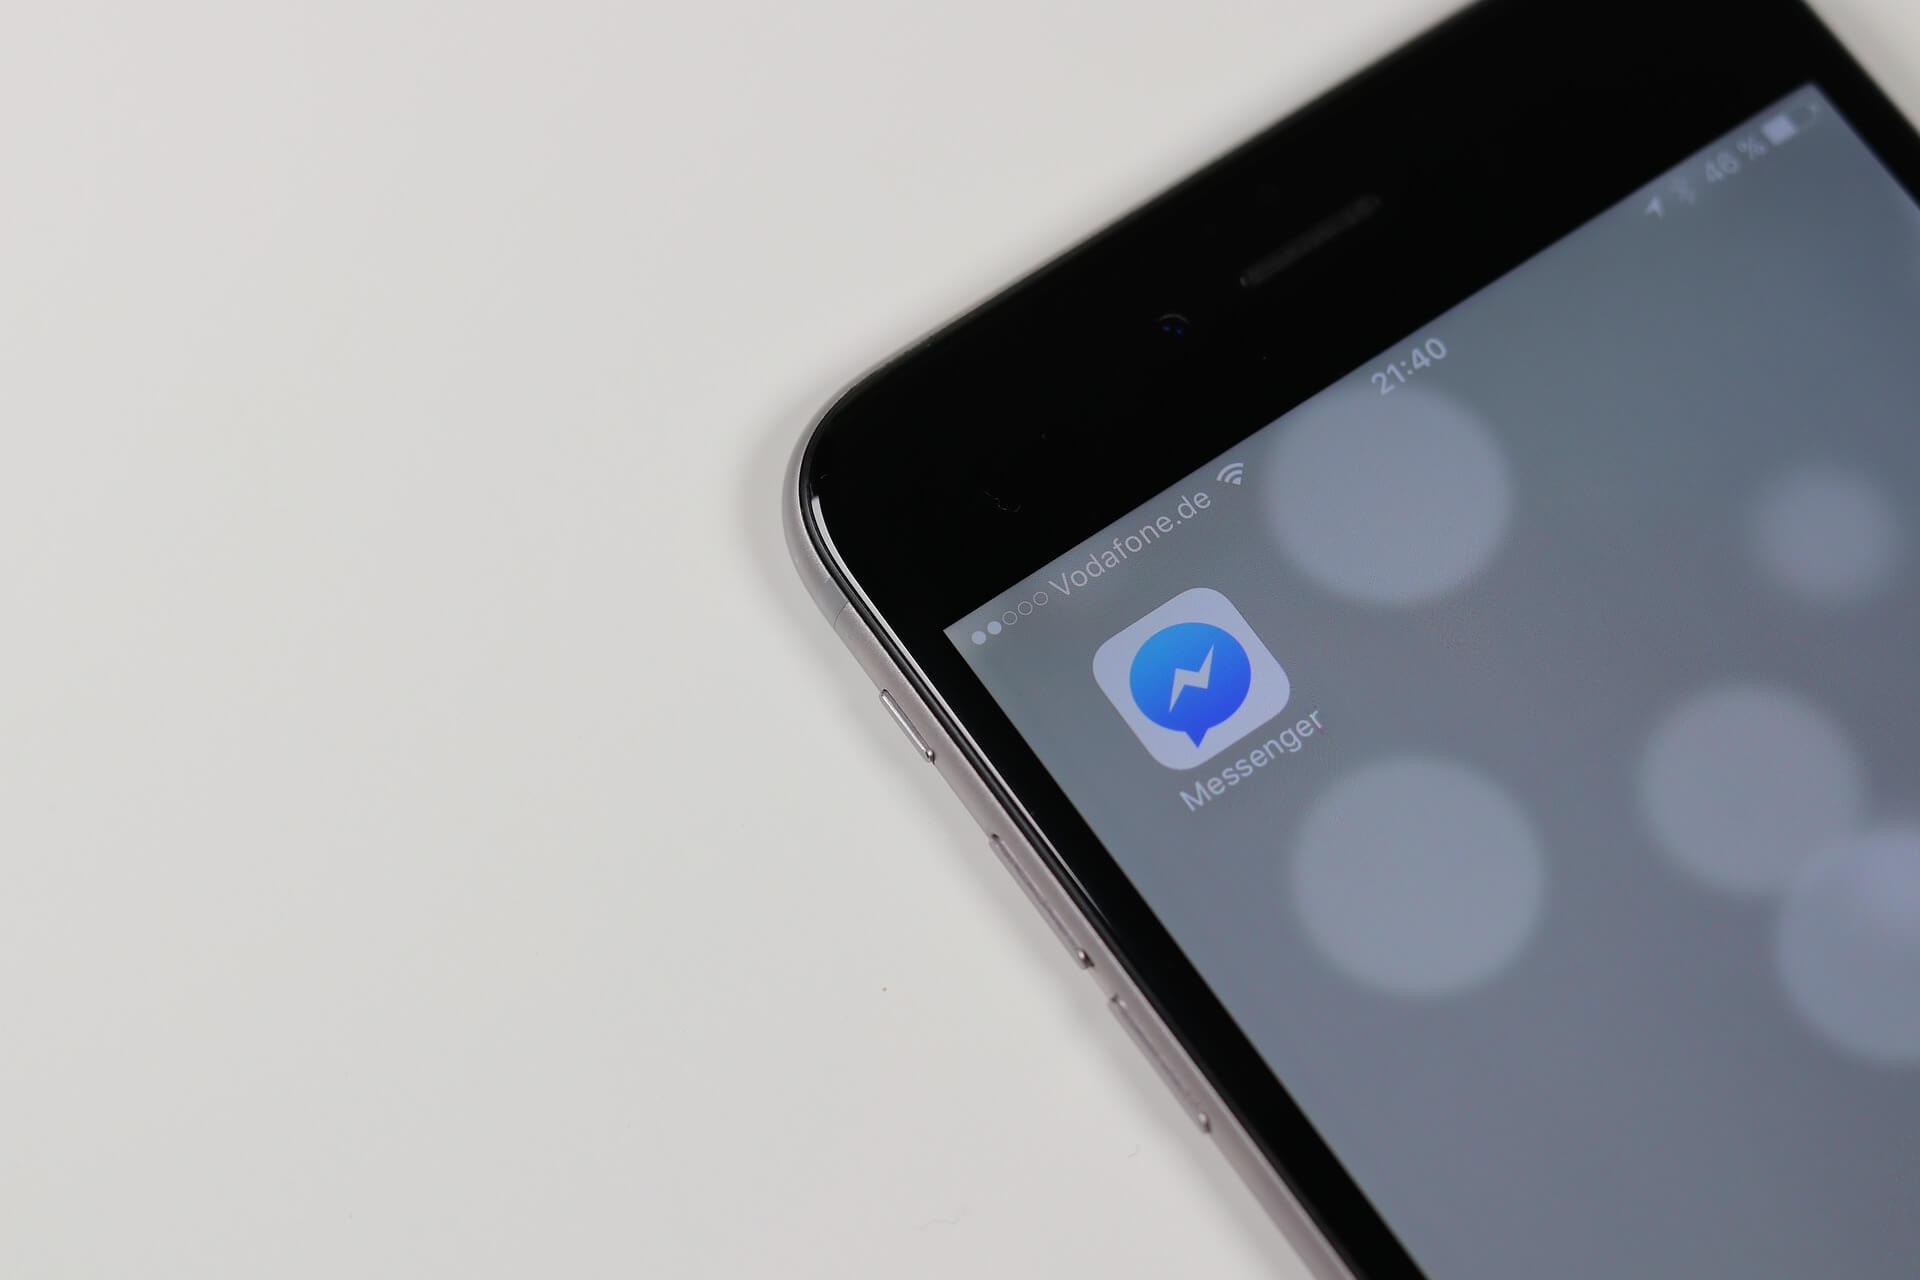 Plava ikonica odlazi u povijest: Messenger promijenio logotip, unaprijedili i dizajn poruka